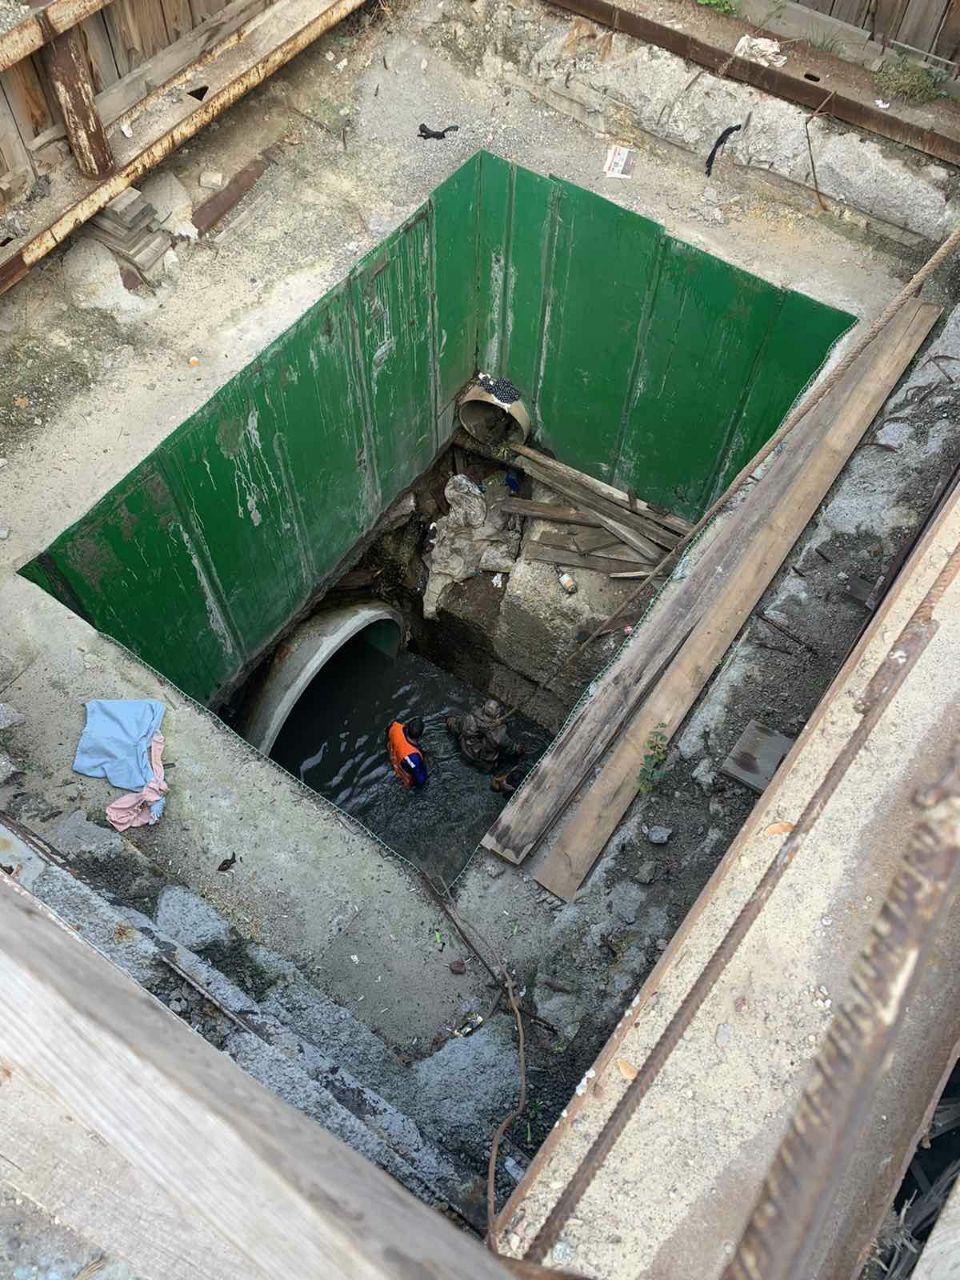 В Киеве четверо рабочих пострадали во время аварии в коллекторе, один погиб.